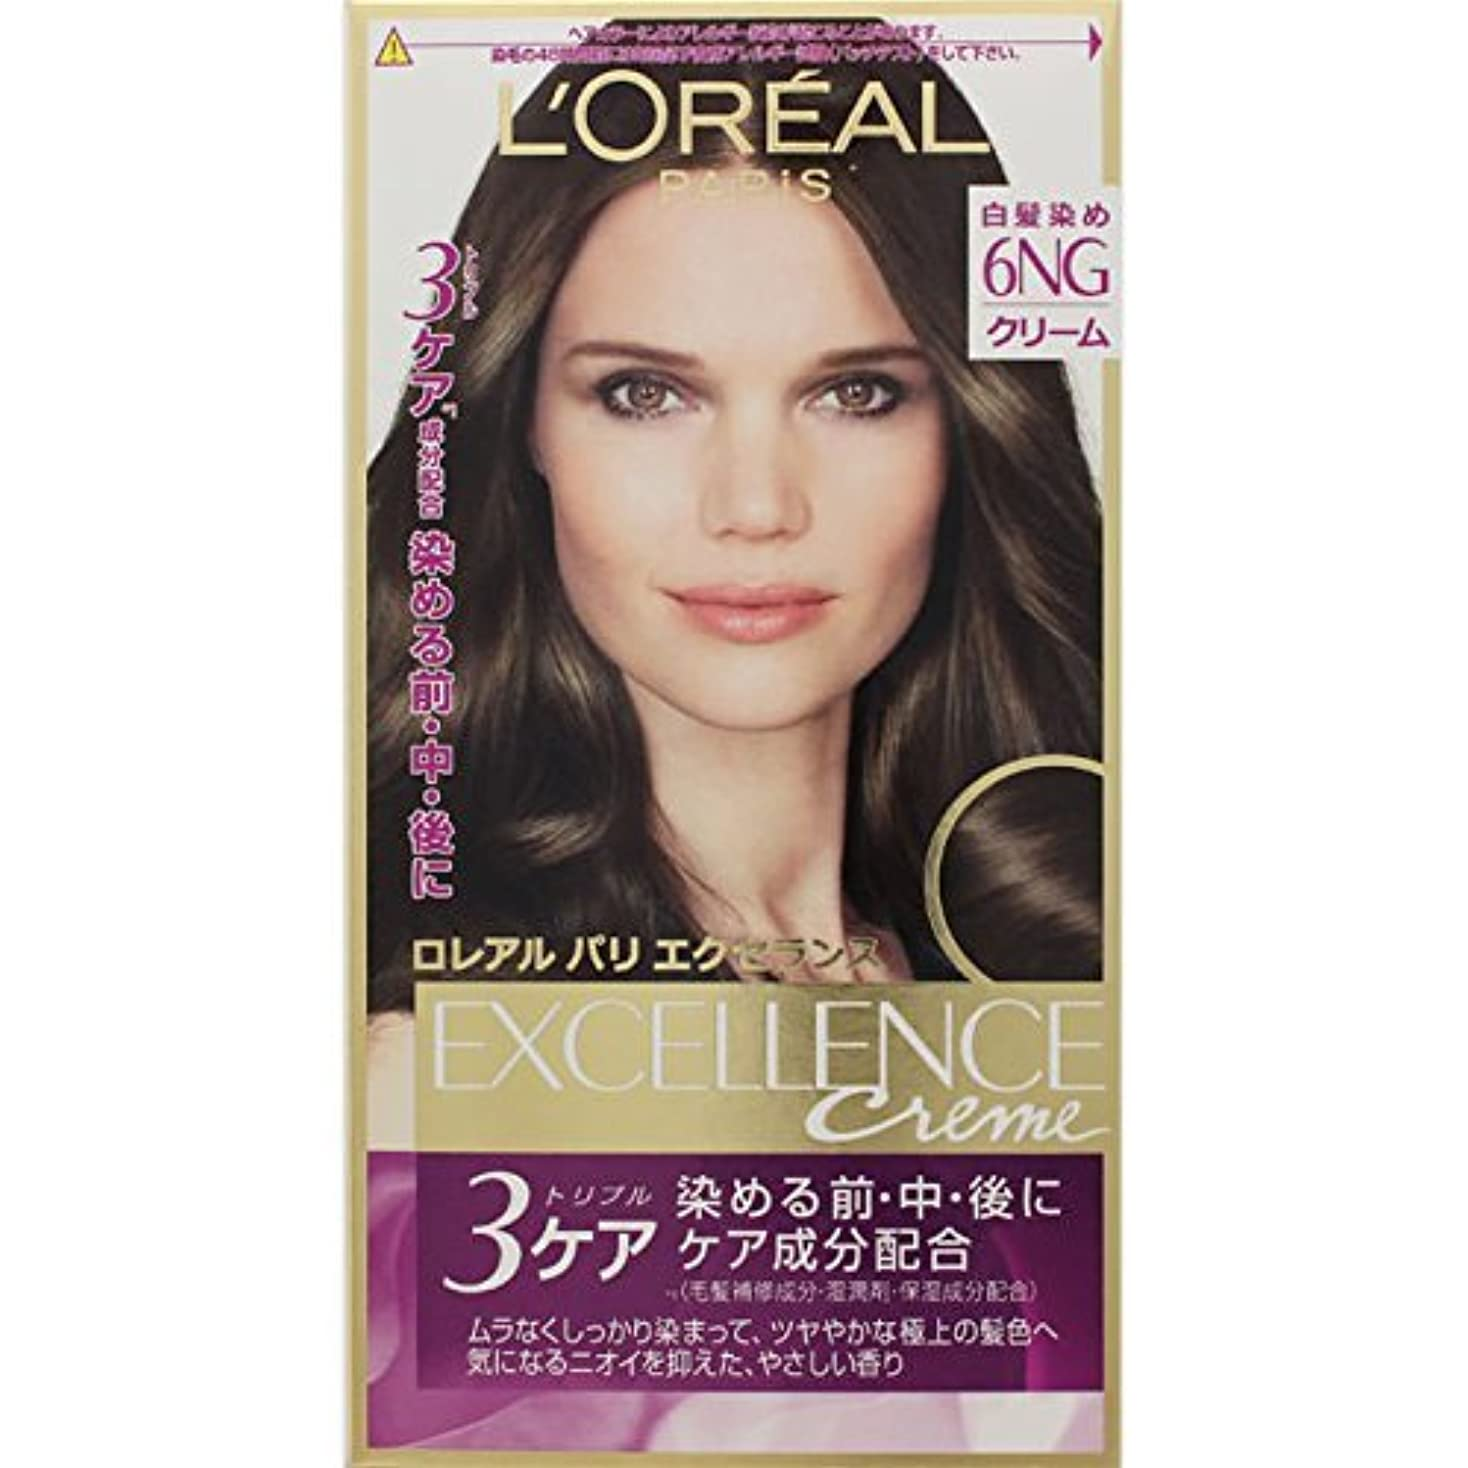 露すぐに縫い目ロレアル パリ ヘアカラー 白髪染め エクセランス N クリームタイプ 6NG 緑がかったやや明るい栗色